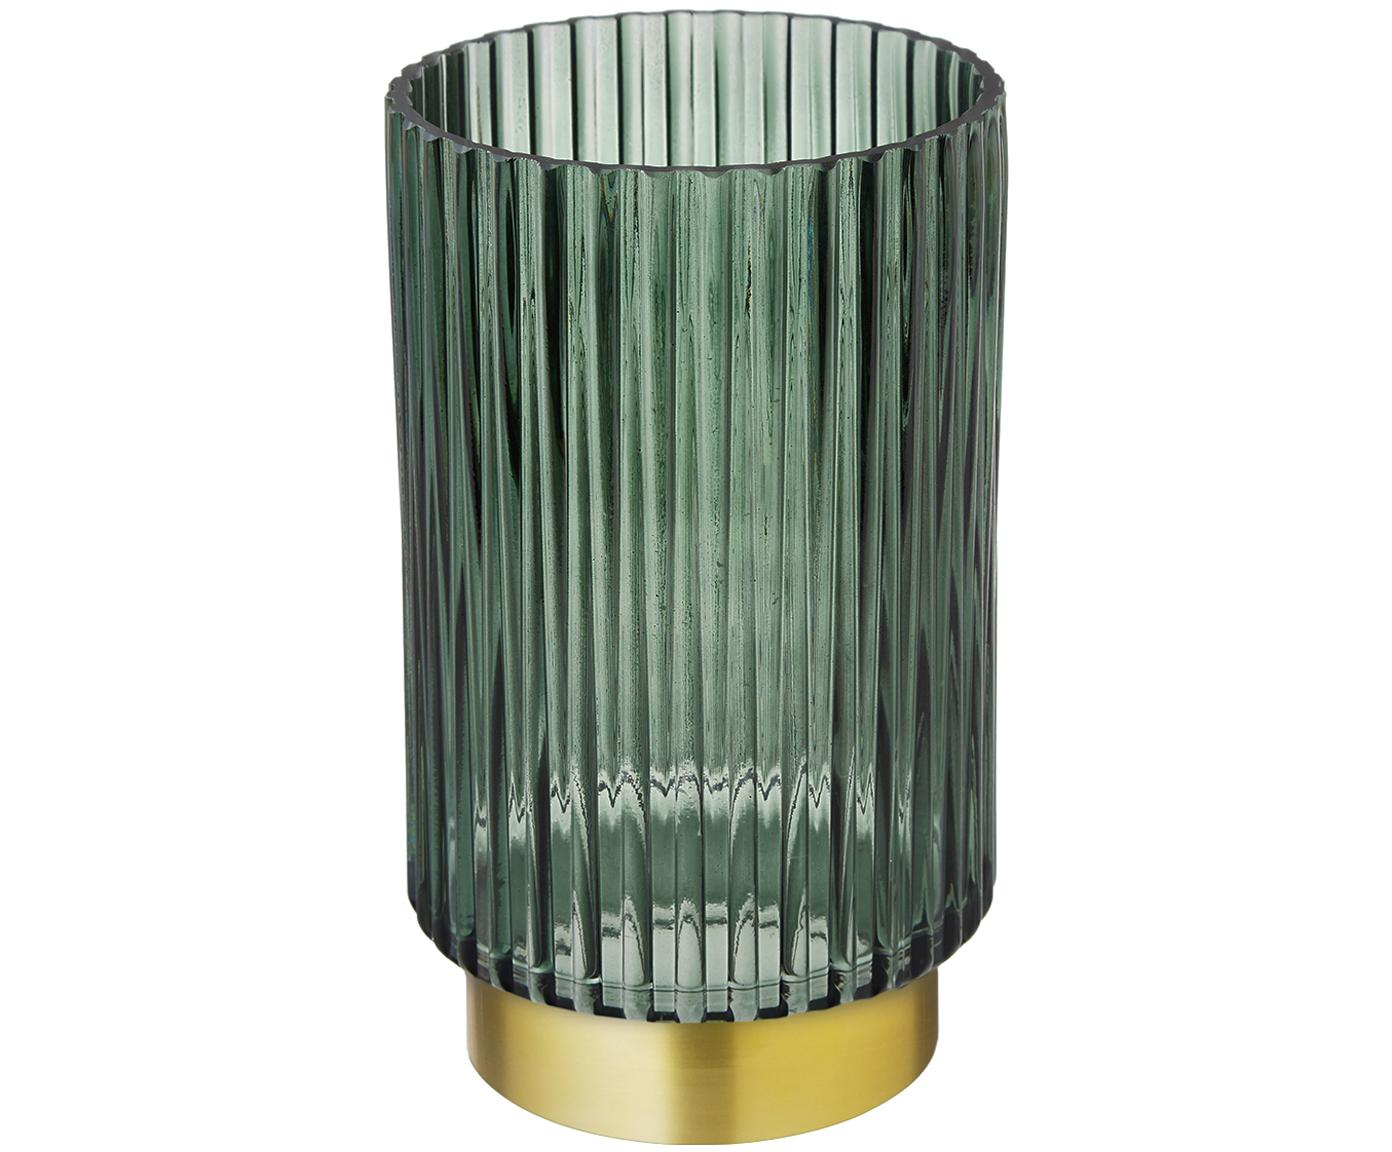 Vaas Lene, Vaas: glas, Voetstuk: geborsteld metaal, Vaas: groen, transparant. Voetstuk: mat goudkleurig, Ø 12 x H 20 cm